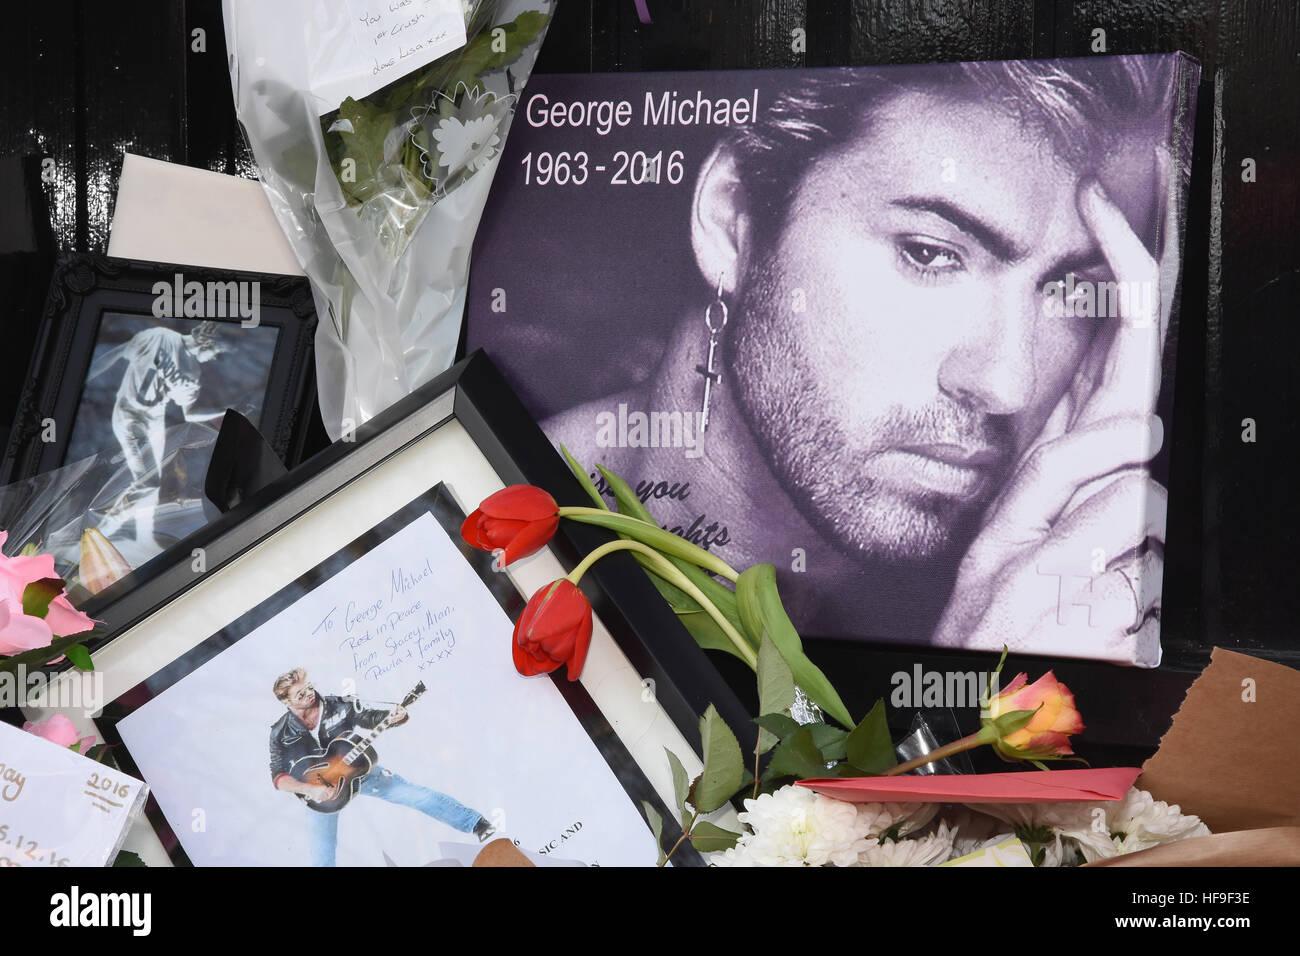 Hommages floraux à George Michael placés à l'extérieur de sa maison de Londres. Après sa mort le 25.12.16, The Grove, Highgate, Londres, Royaume-Uni Banque D'Images